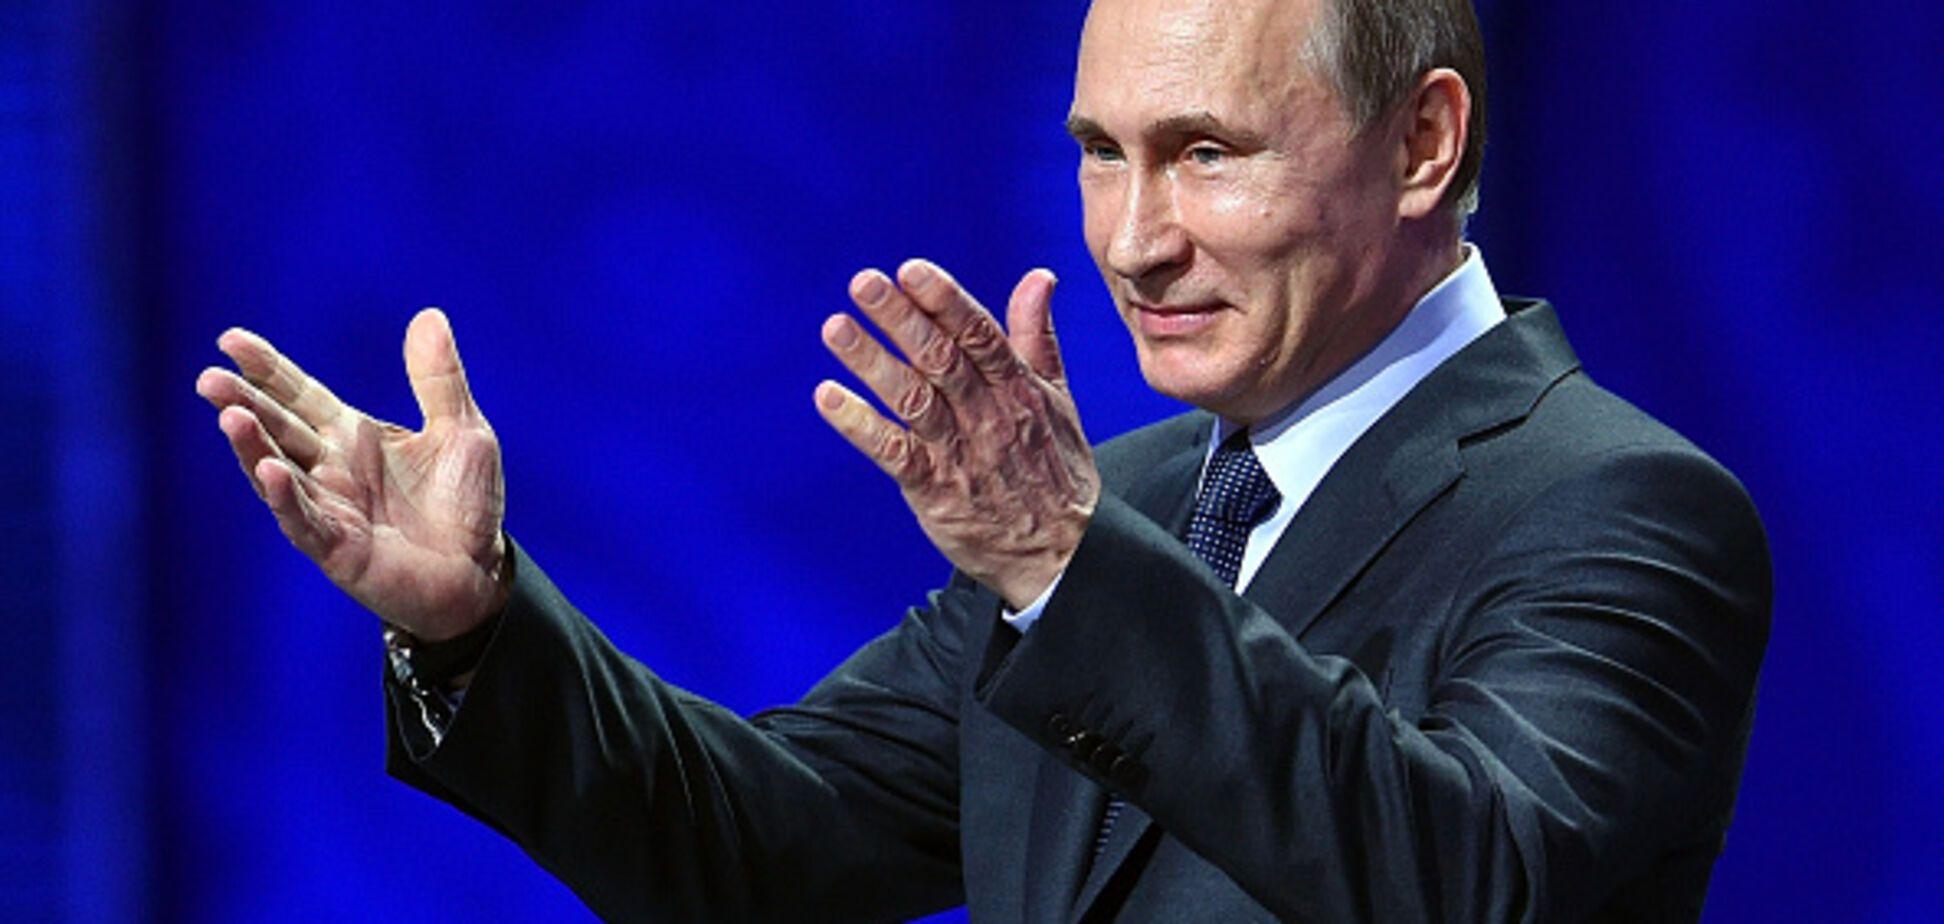 Путин после выборов выступил с циничным заявлением в адрес Украины